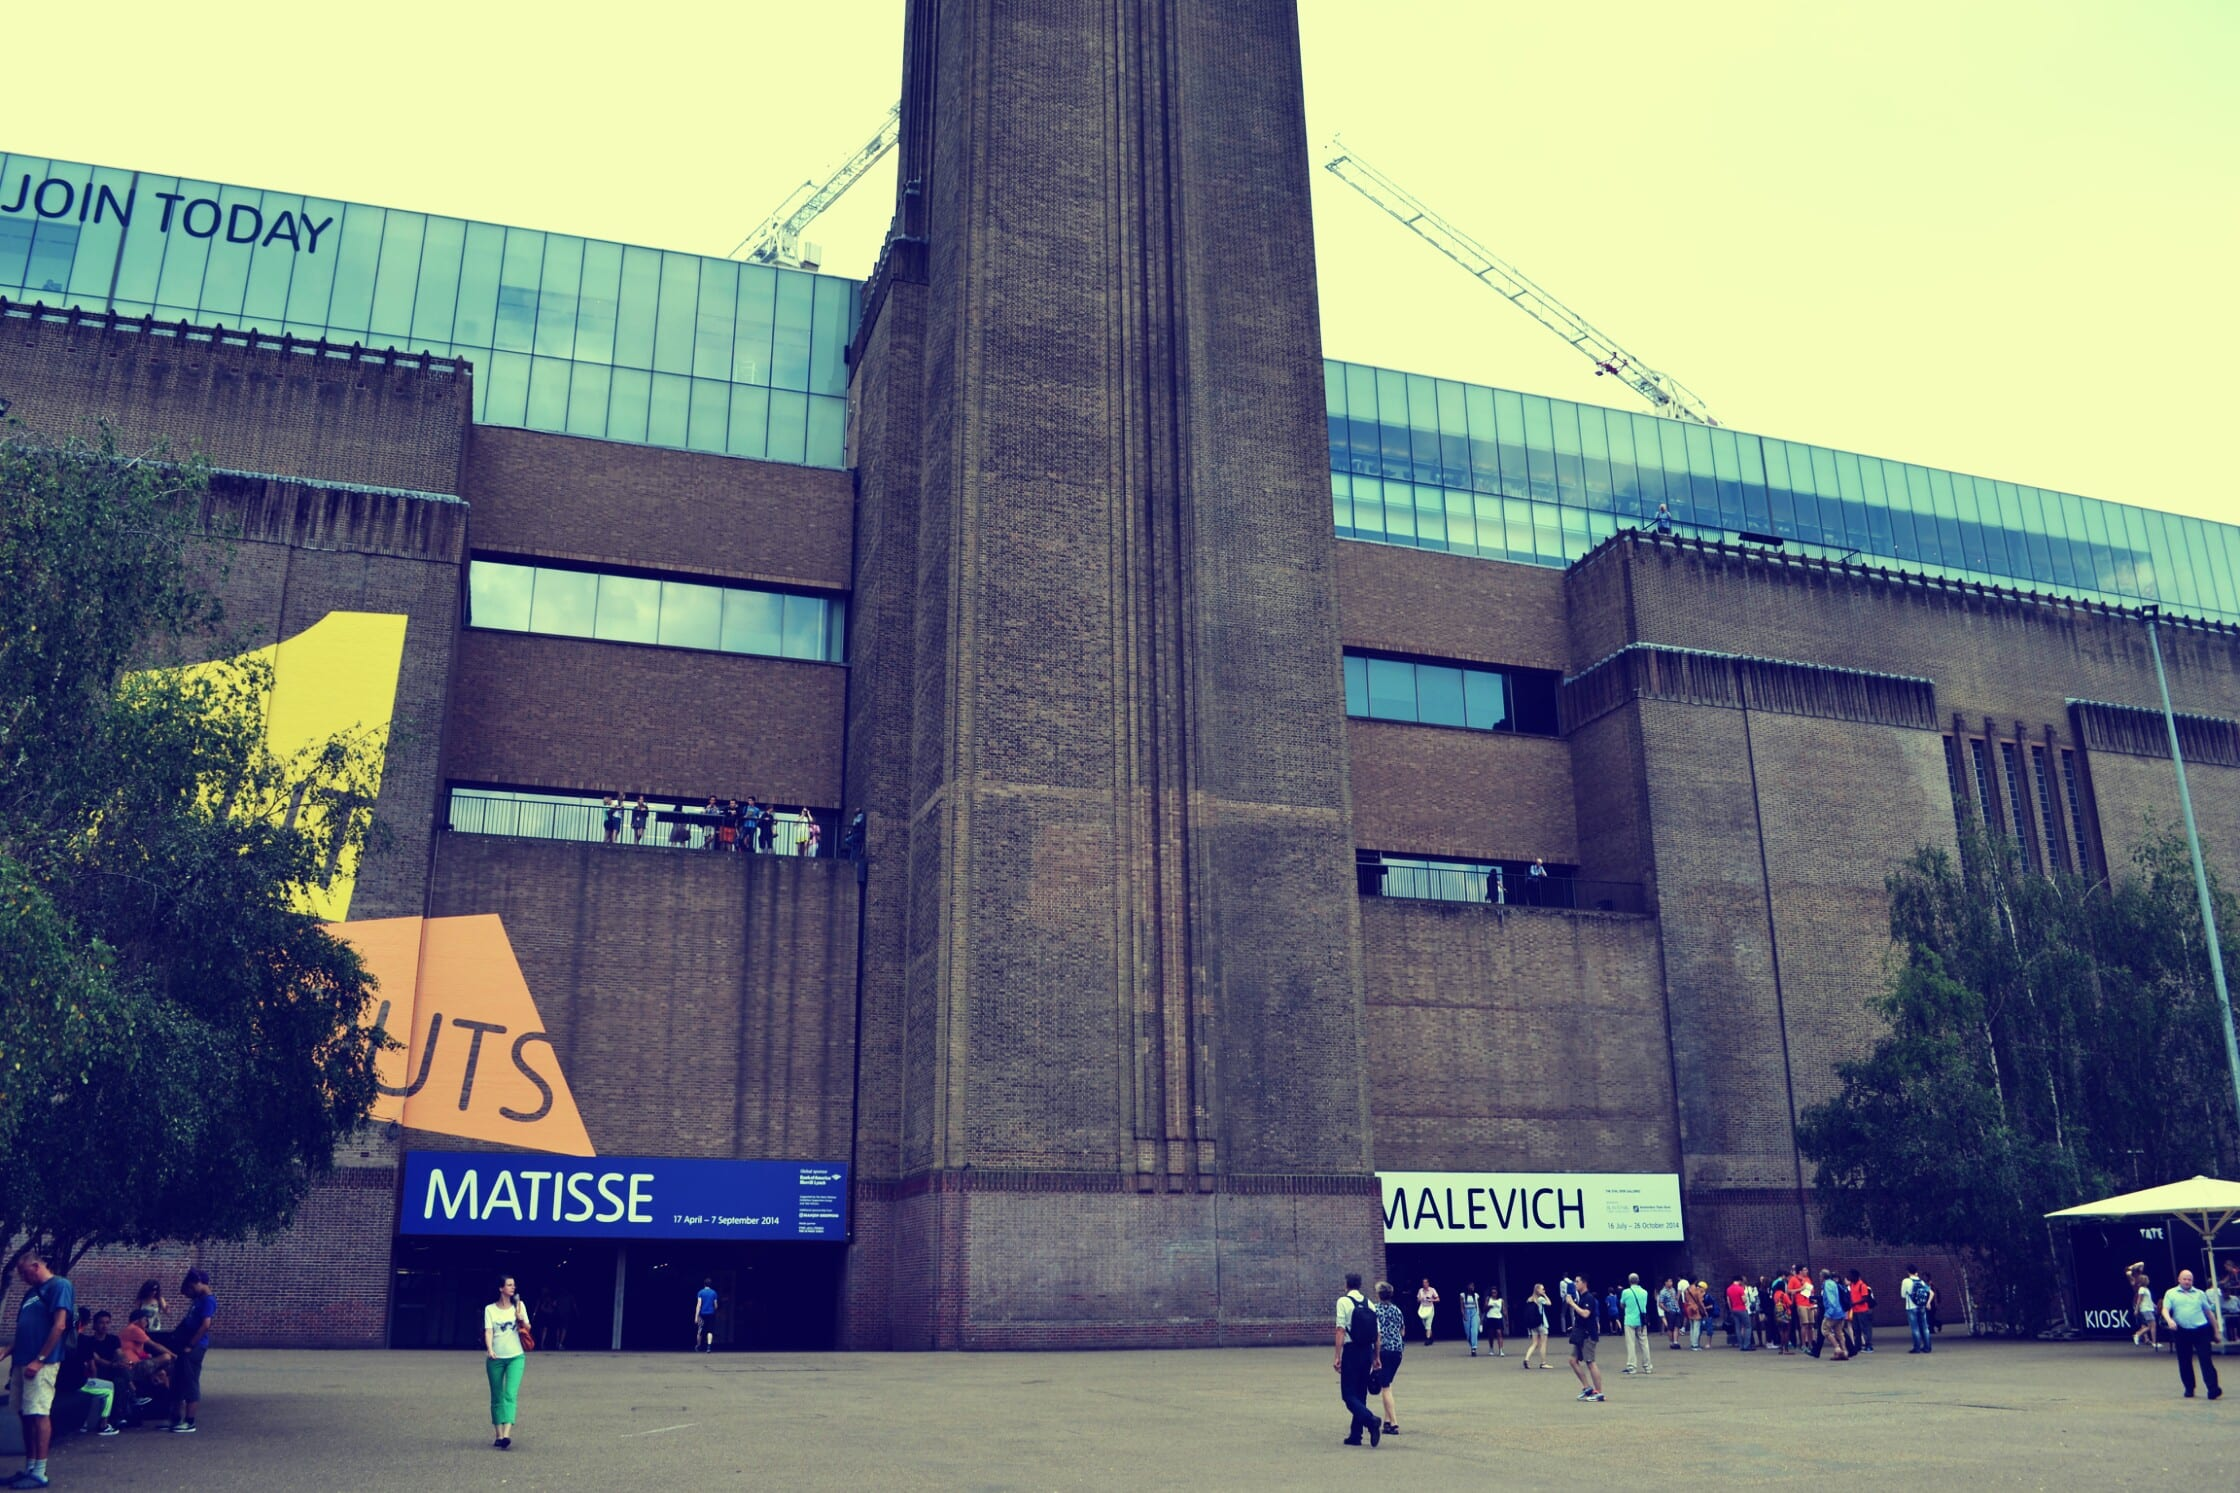 Das Gebäude des Tate Modern im Backstein-Look